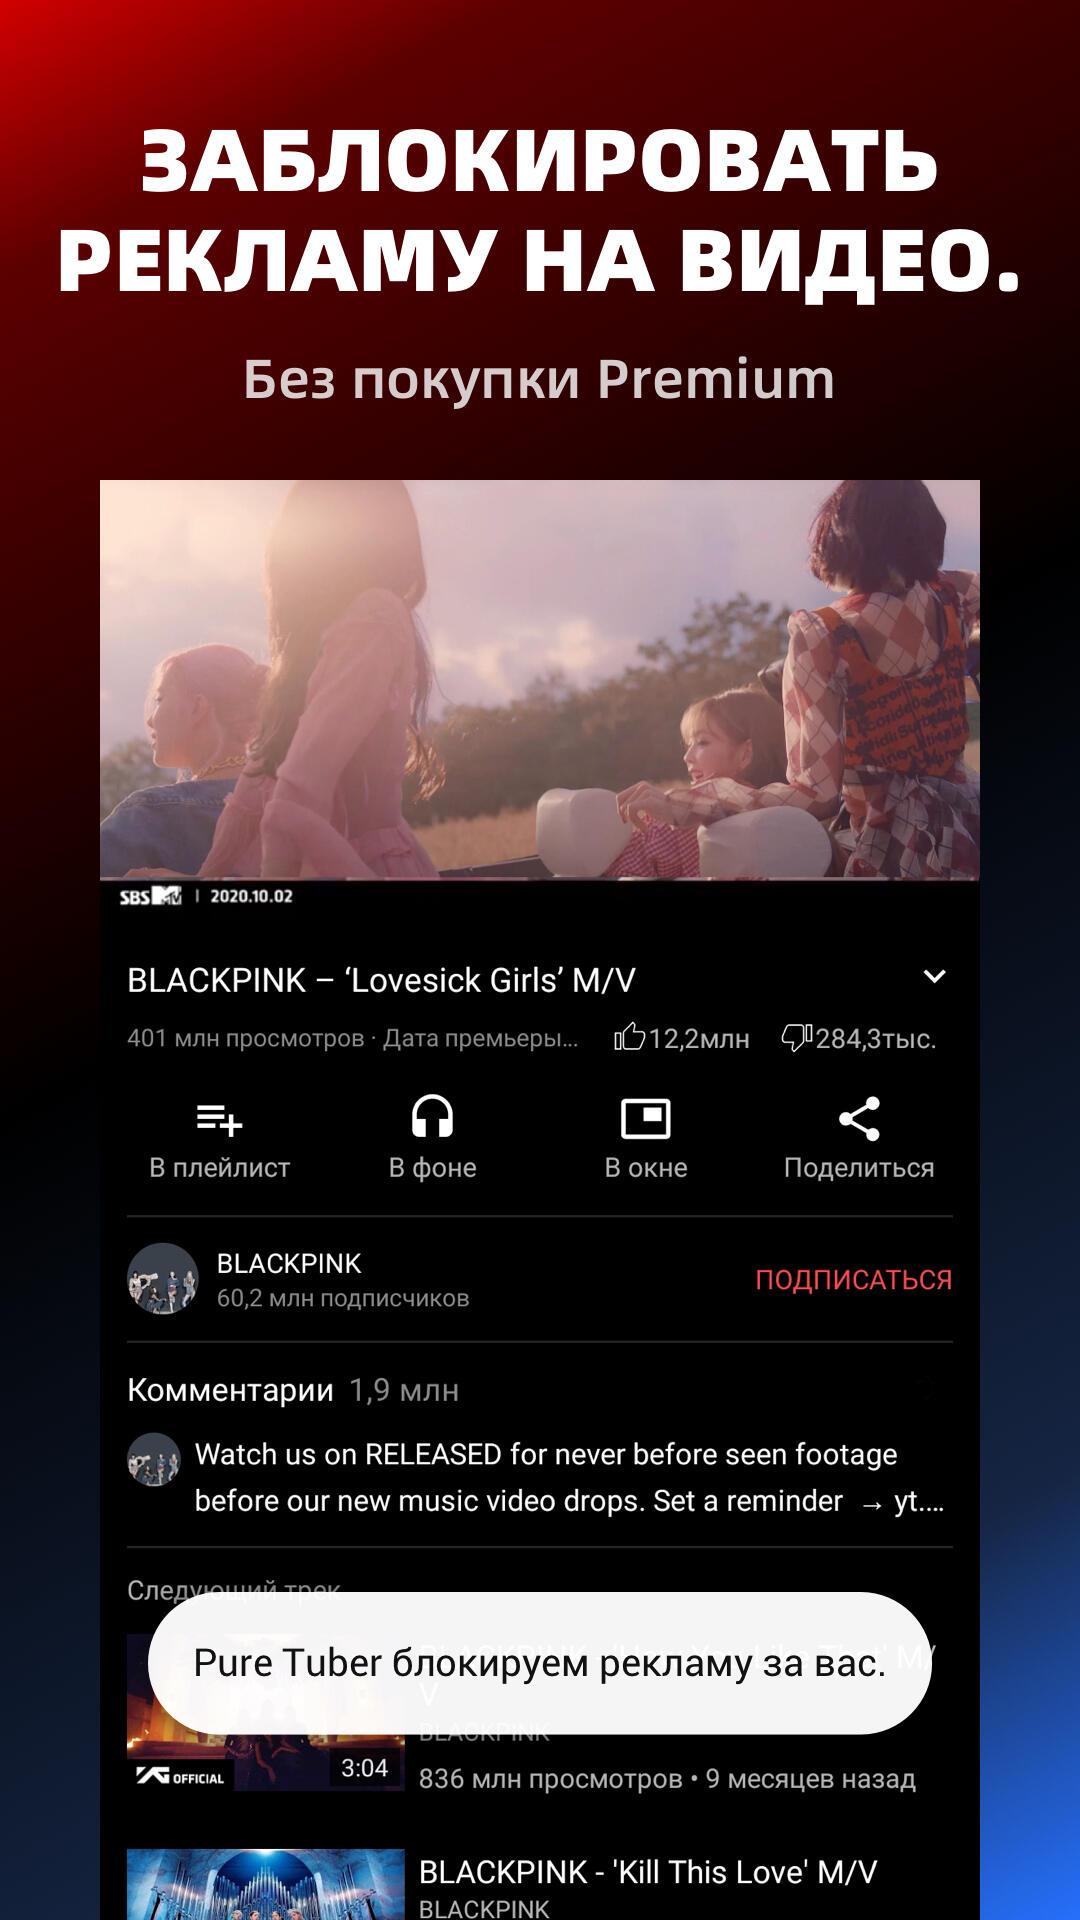 Pure Tuber - Блокировка рекламы видео, бесплатный Premium скриншот 2